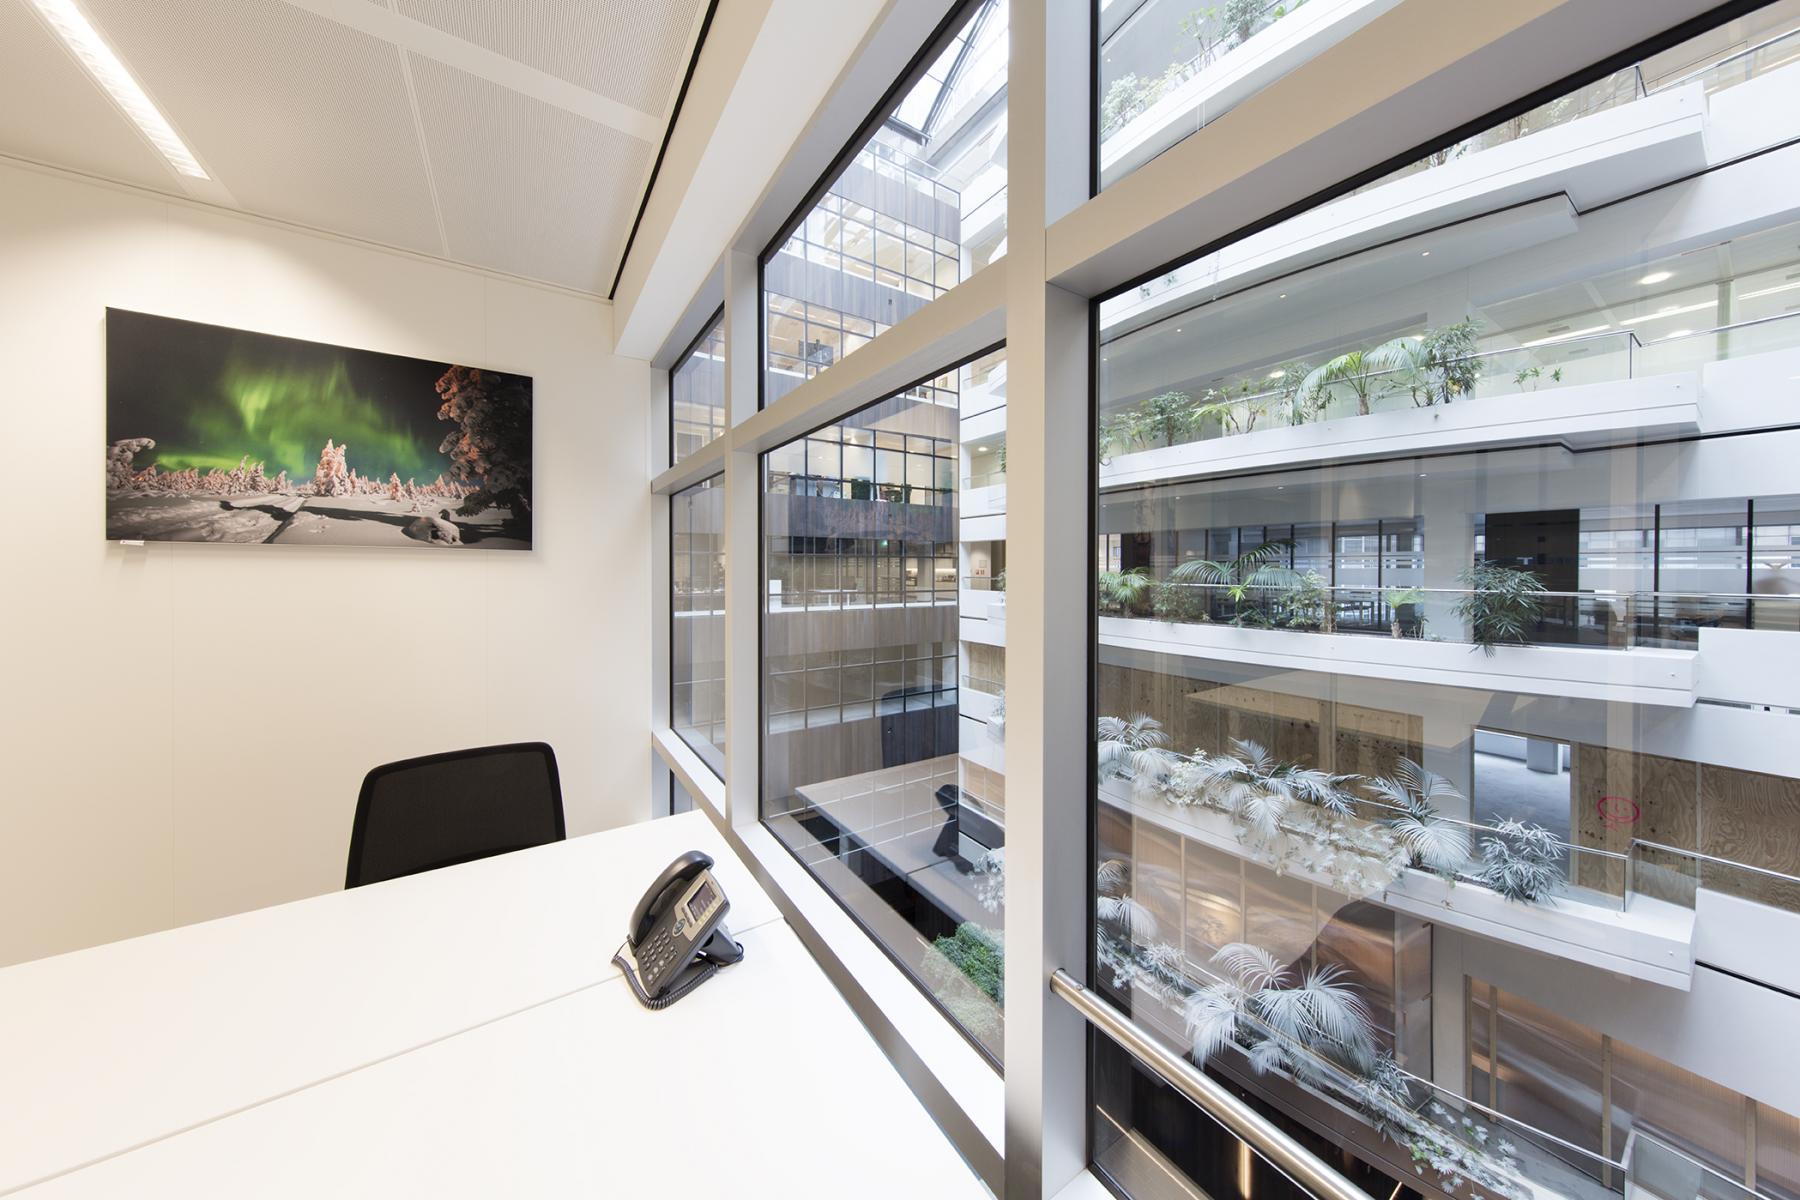 bureau bureaustoel schilderij raam uitzicht lichtinval telefoon